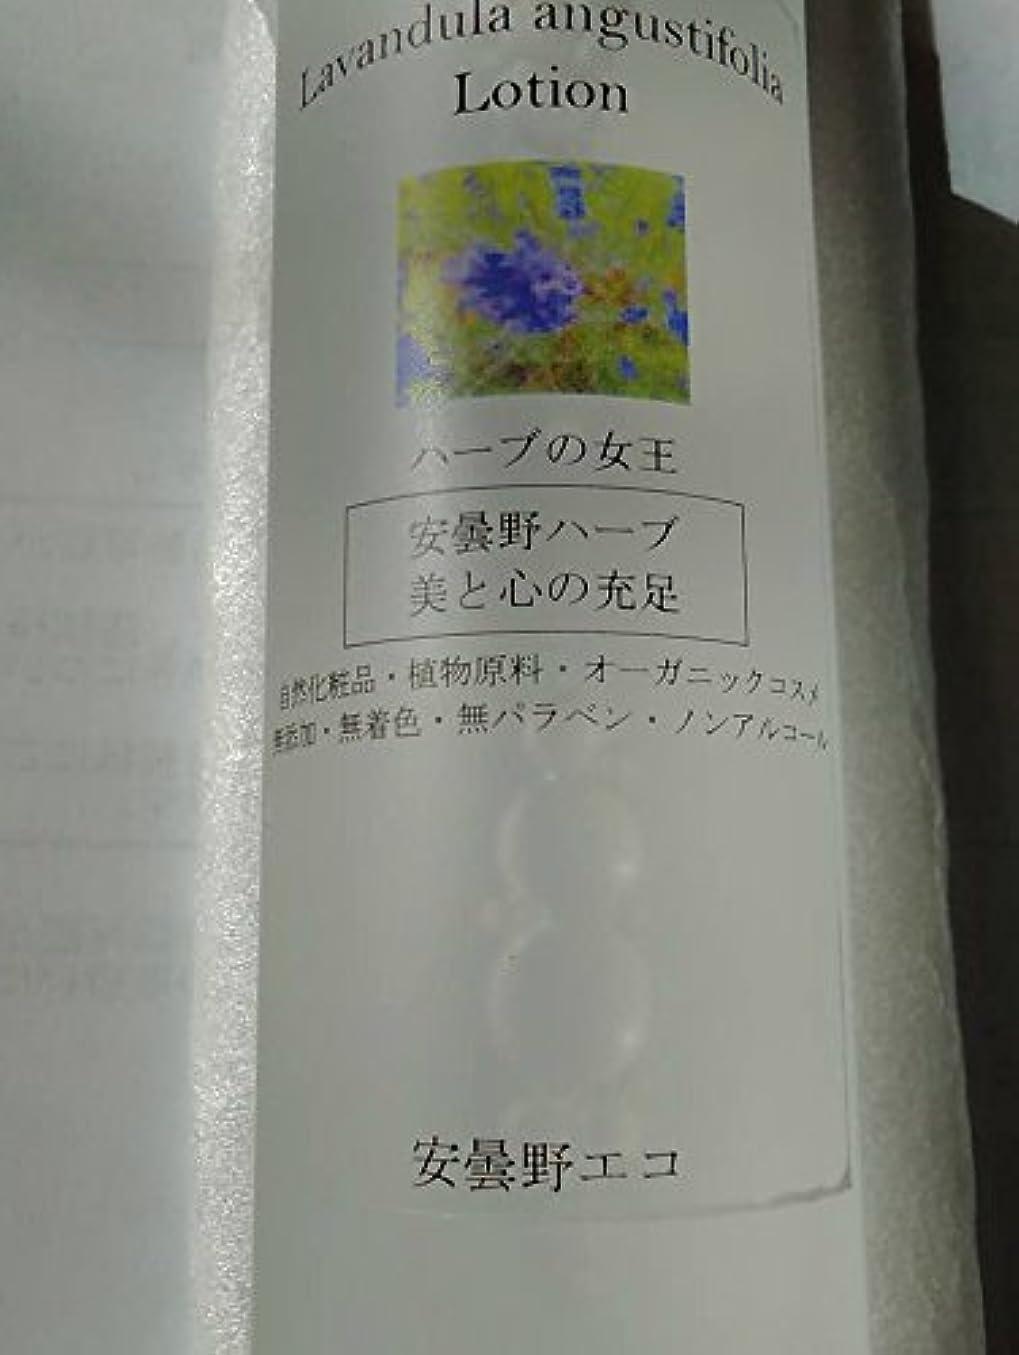 熱狂的なオールではごきげんようラベンダー 化粧水[Lavandula angustifolia Lotionコモンラベンダー 100ml] 安曇野エコ オリジナル【国産 安曇野産 無農薬100%】